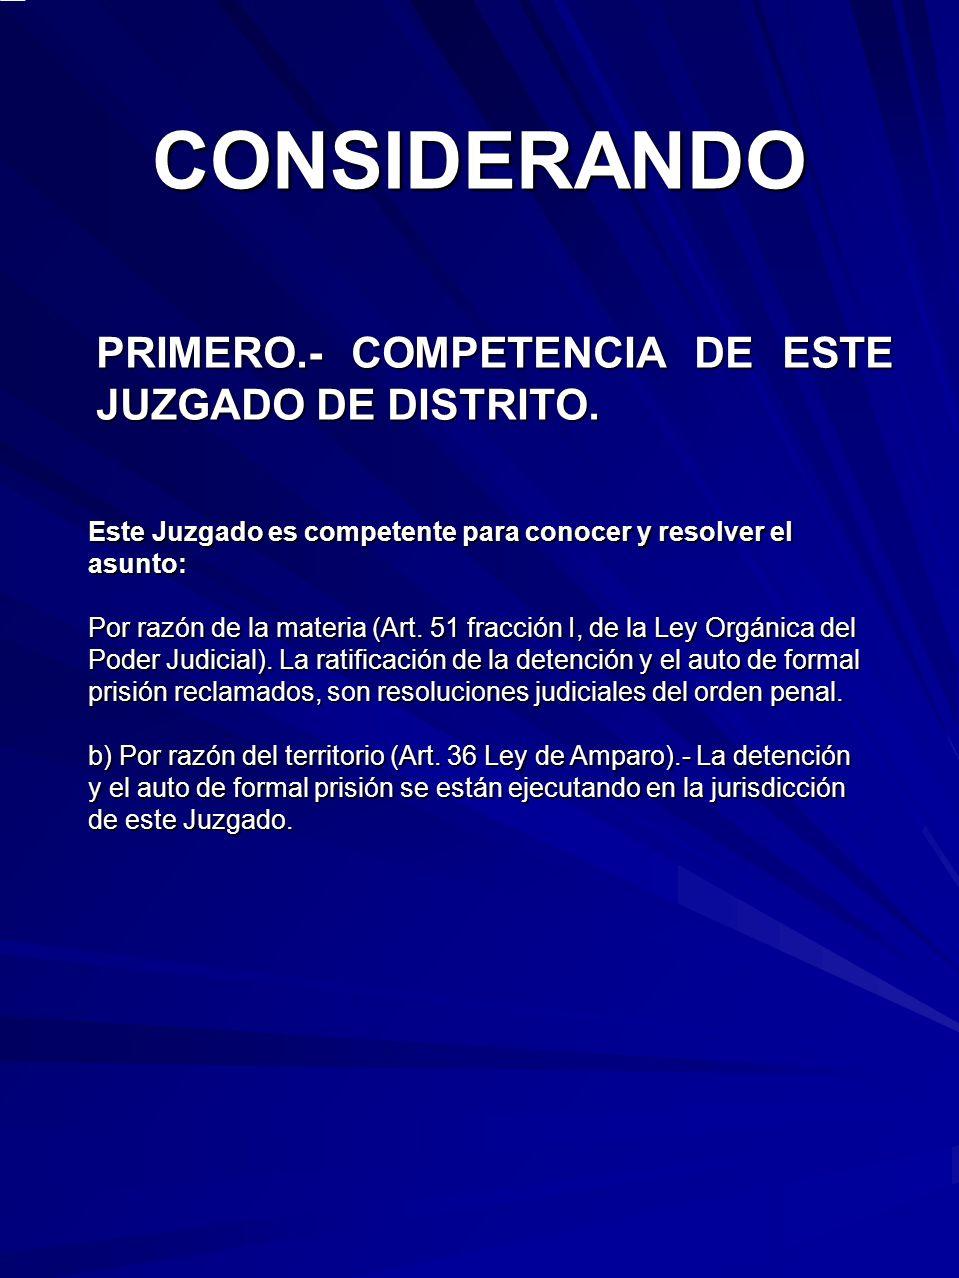 SEGUNDO.- PRECISIÓN DE LOS ACTOS RECLAMADOS Y DE LAS AUTORIDADES A QUIENES SE ATRIBUYEN.